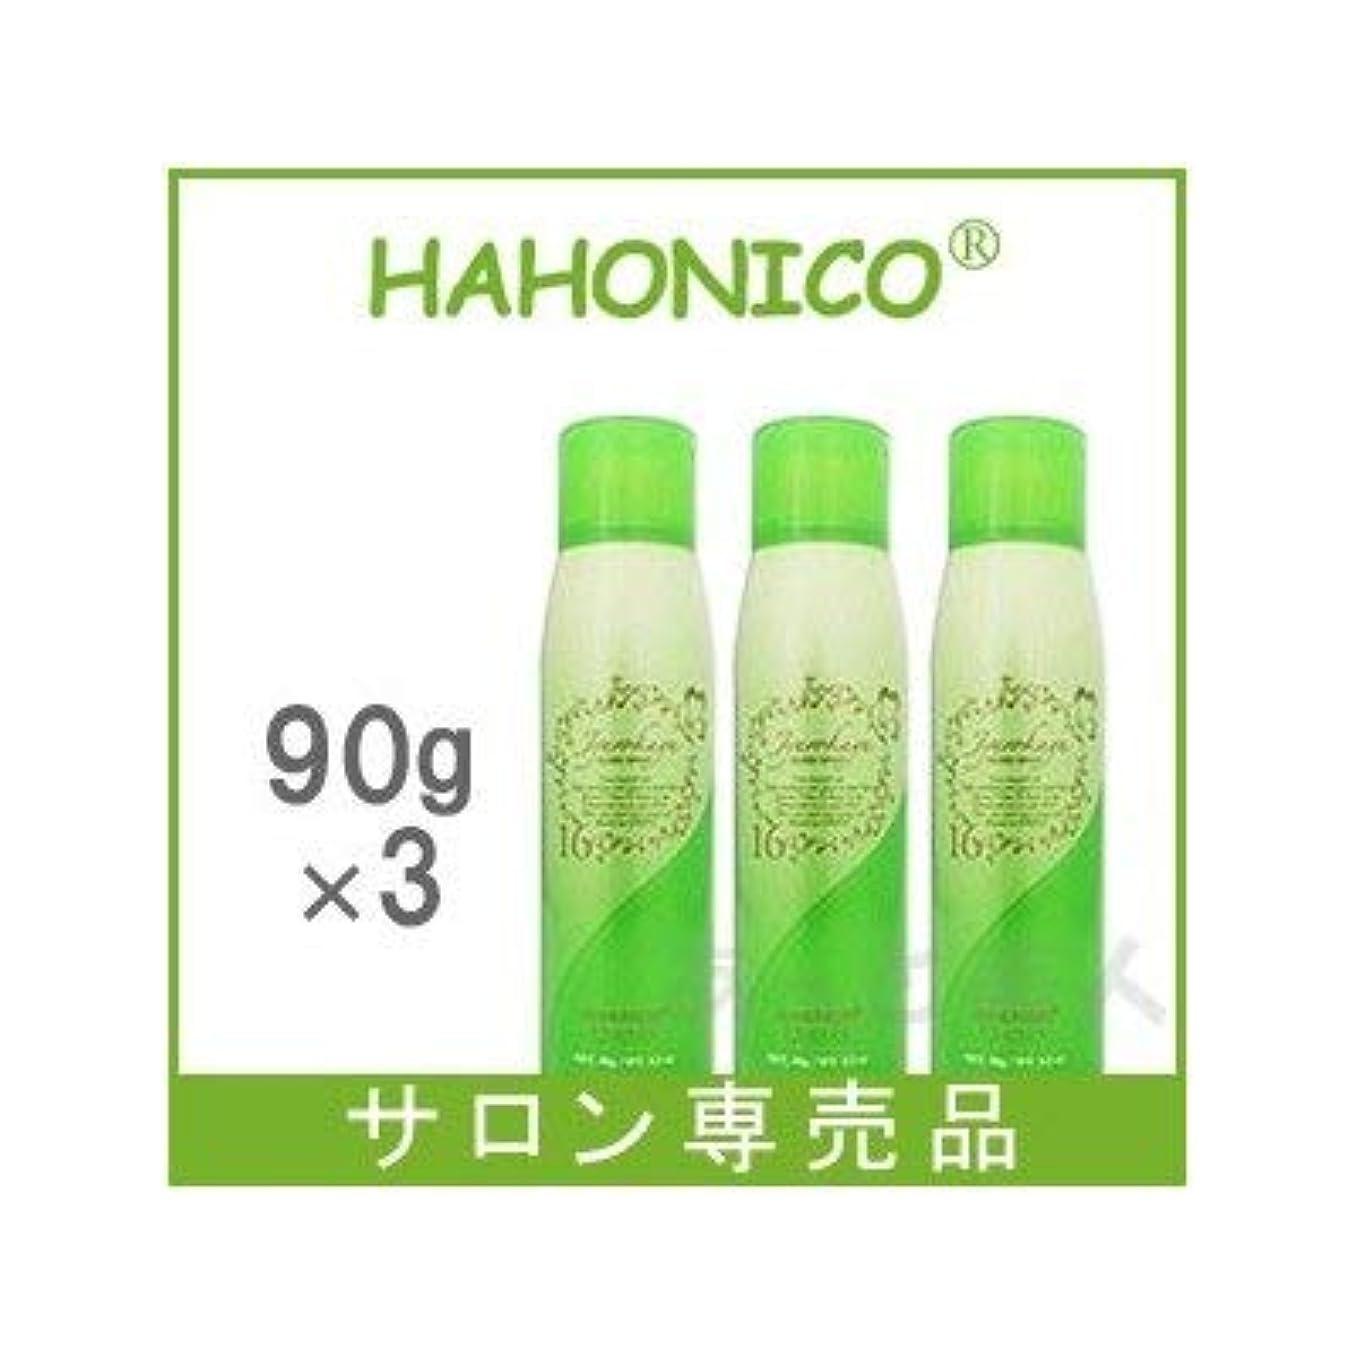 しかし絞る異常【X3個セット】 ハホニコ ジュウロクユ ツヤスプレー 90g 十六油 HAHONICO